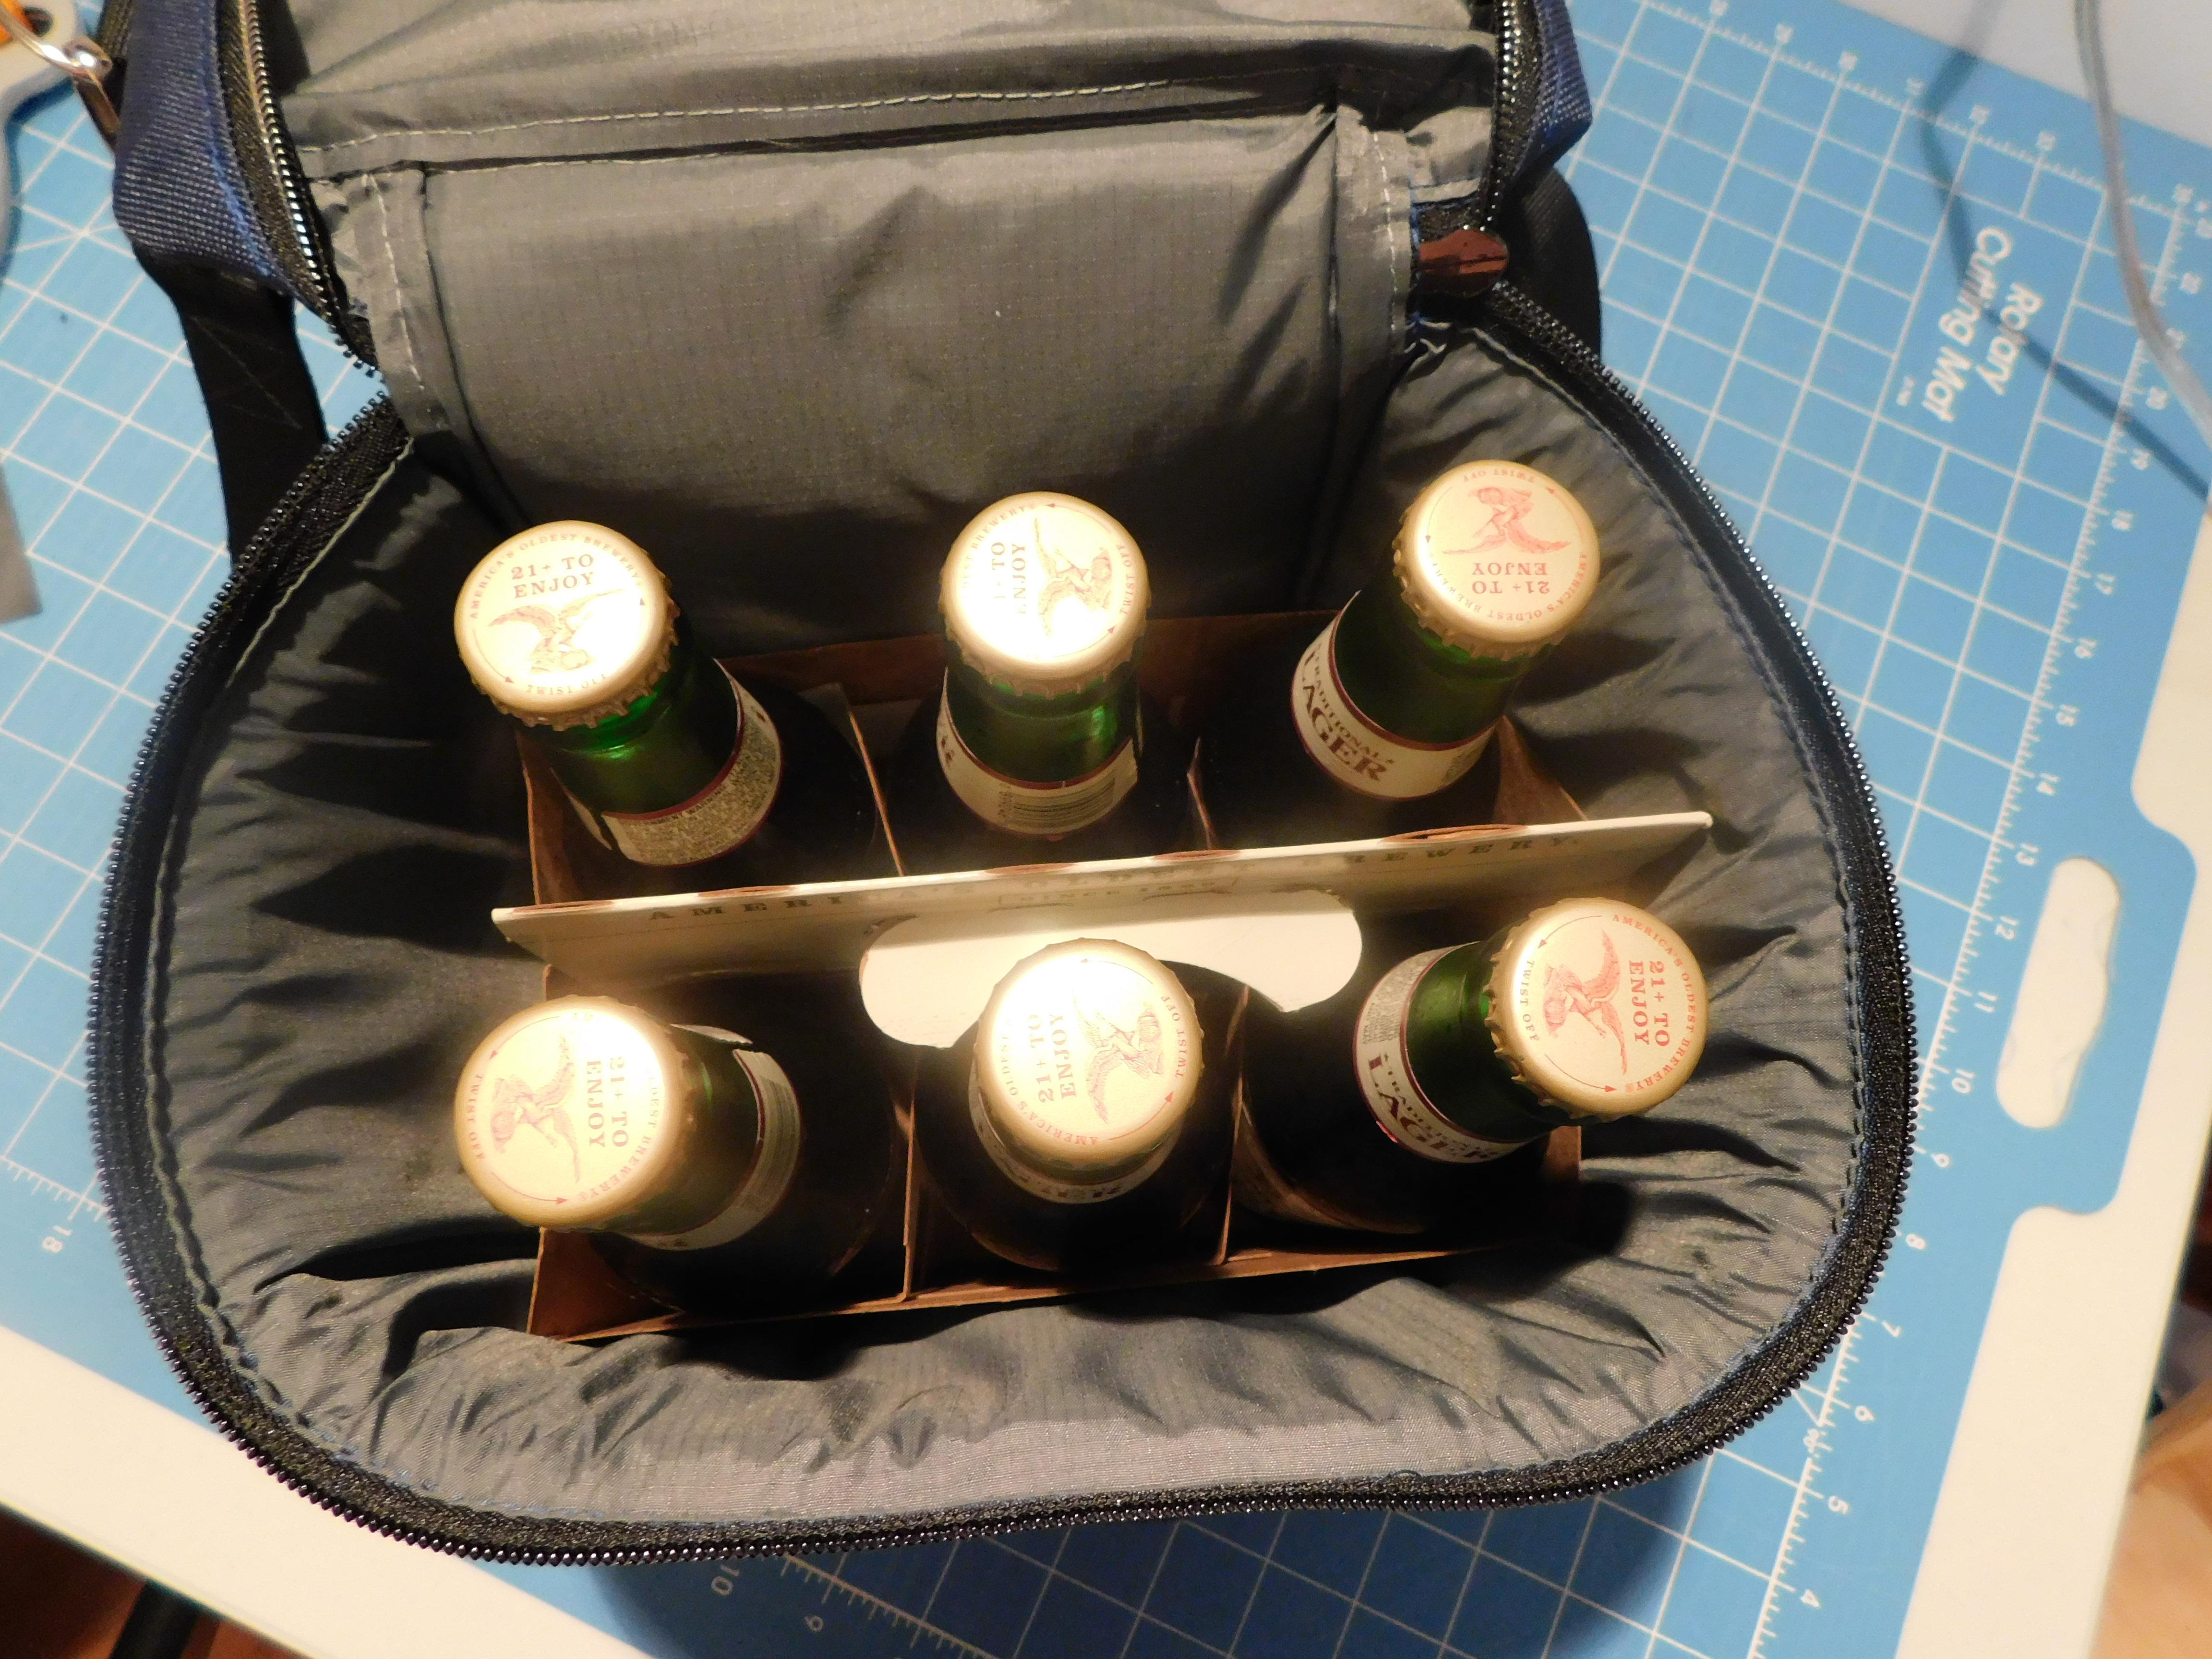 Patriots Beer Cooler Fit